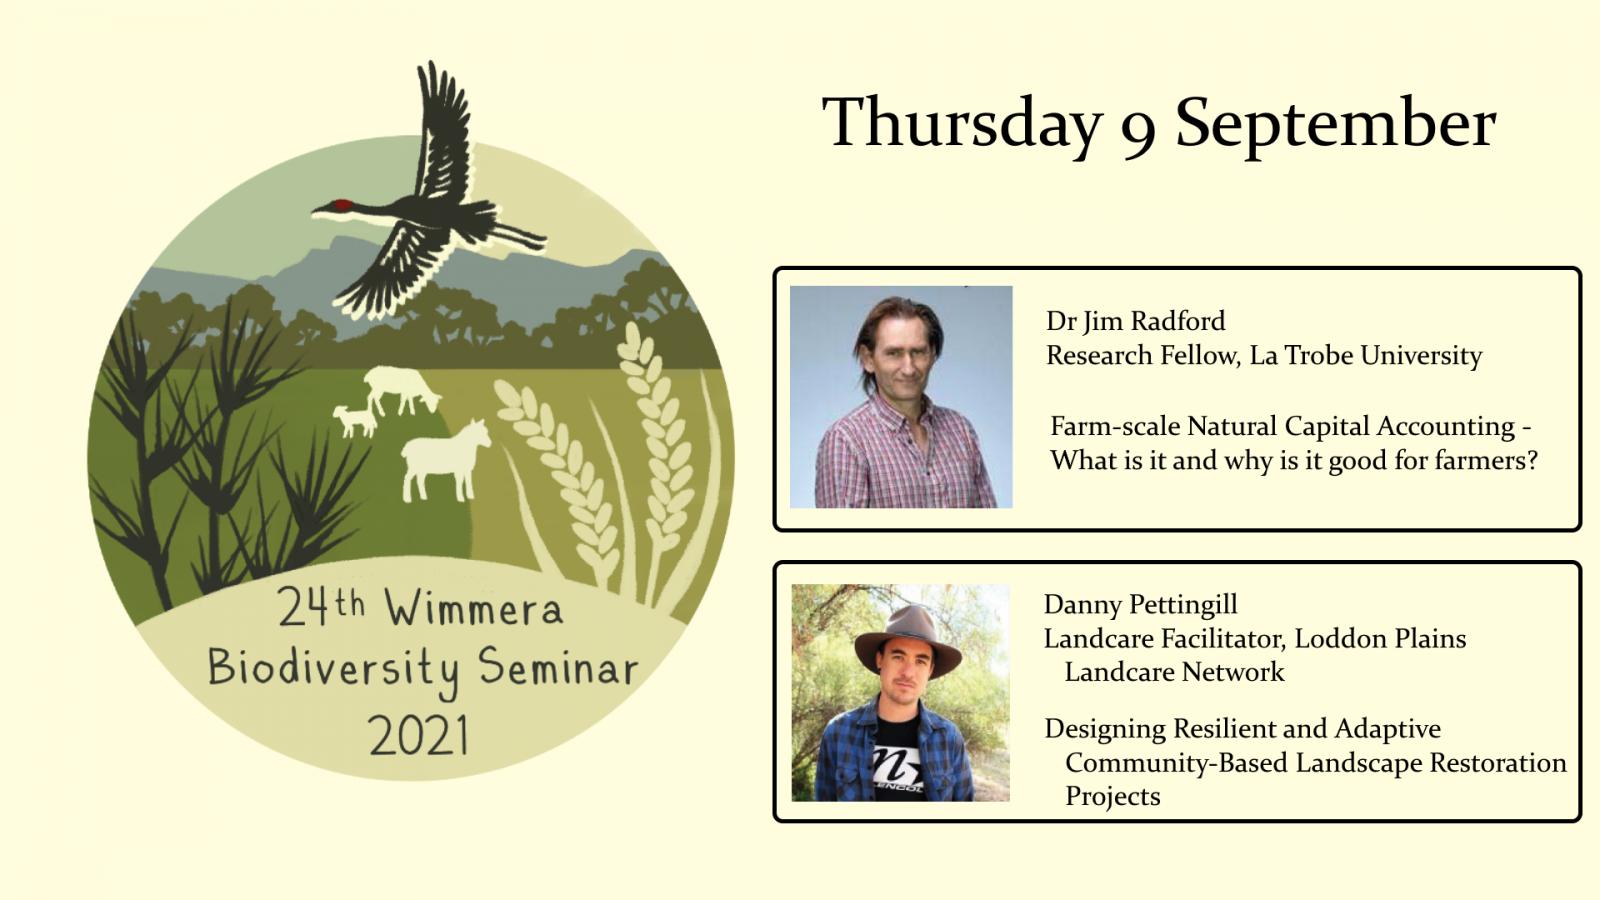 Wimmera biodiversity seminar week 2